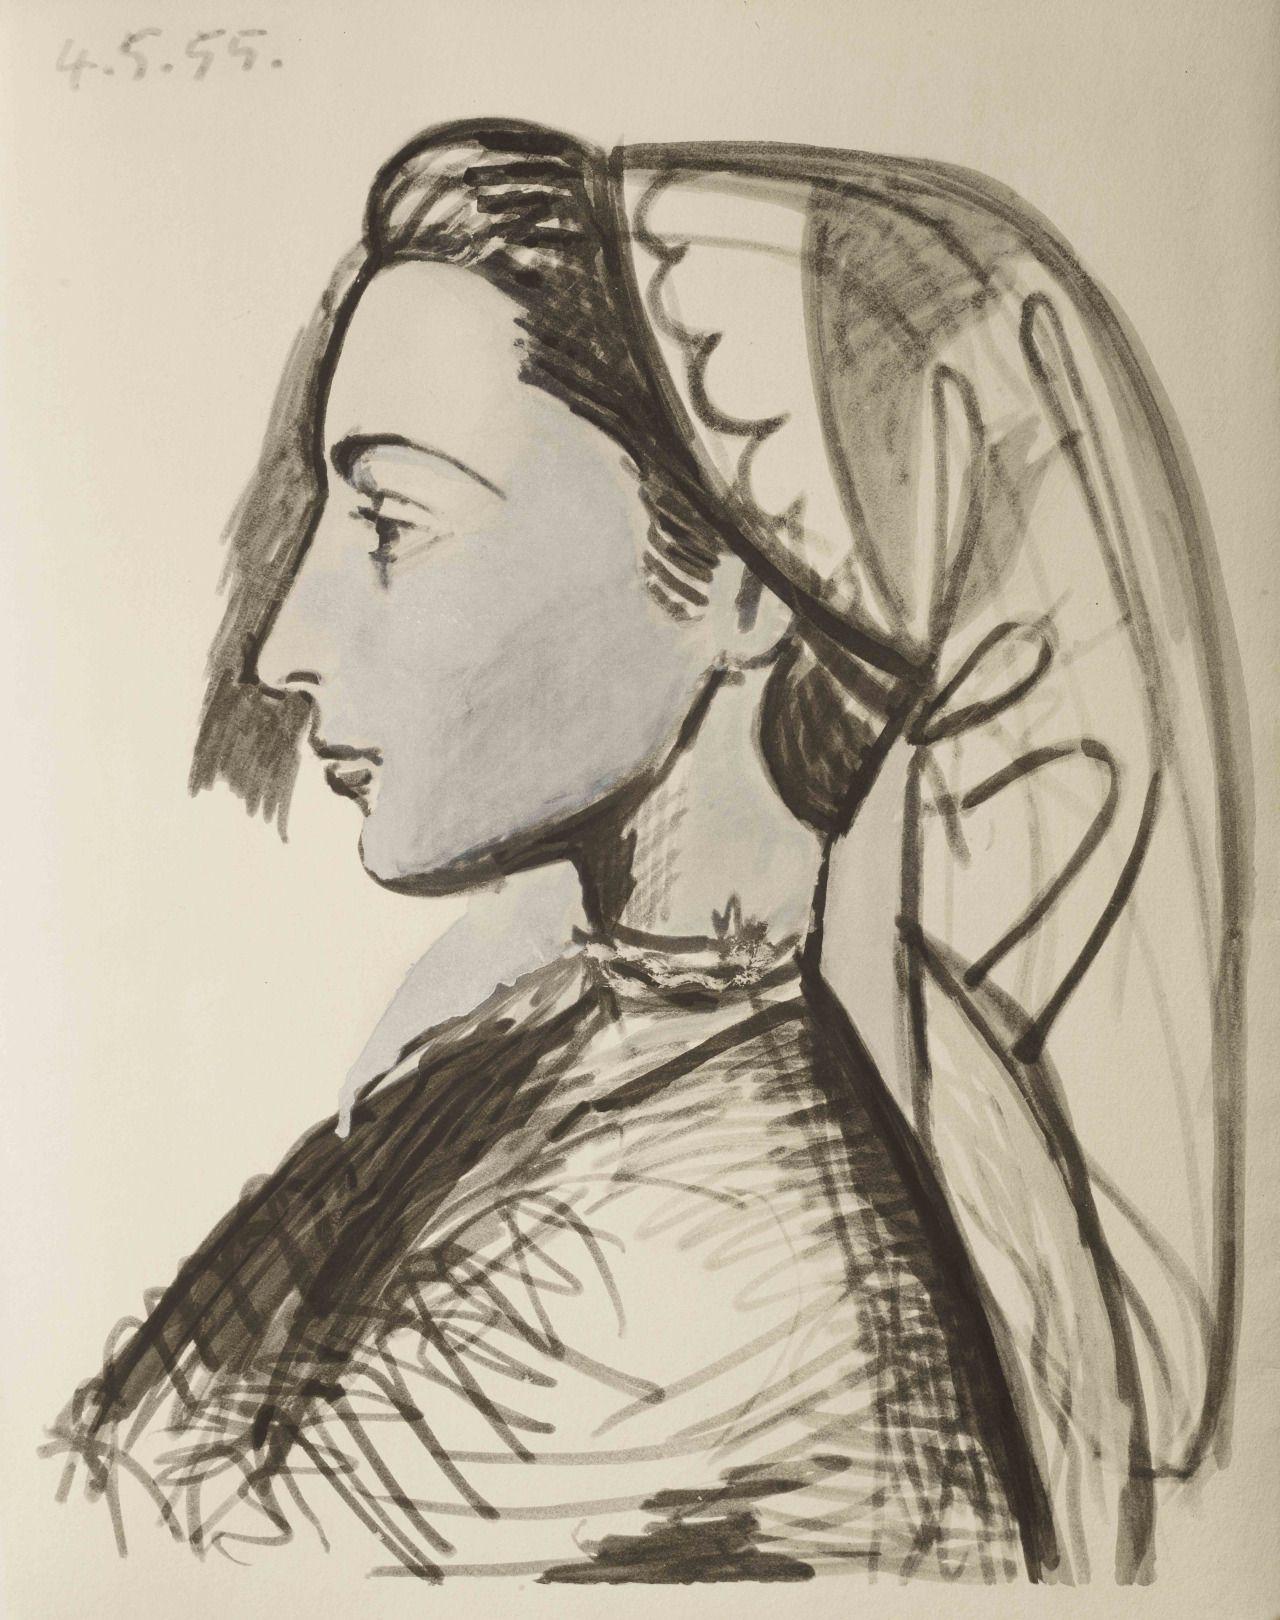 Pablo Picasso (1881-1973) Portrait of Jacqueline, N/D